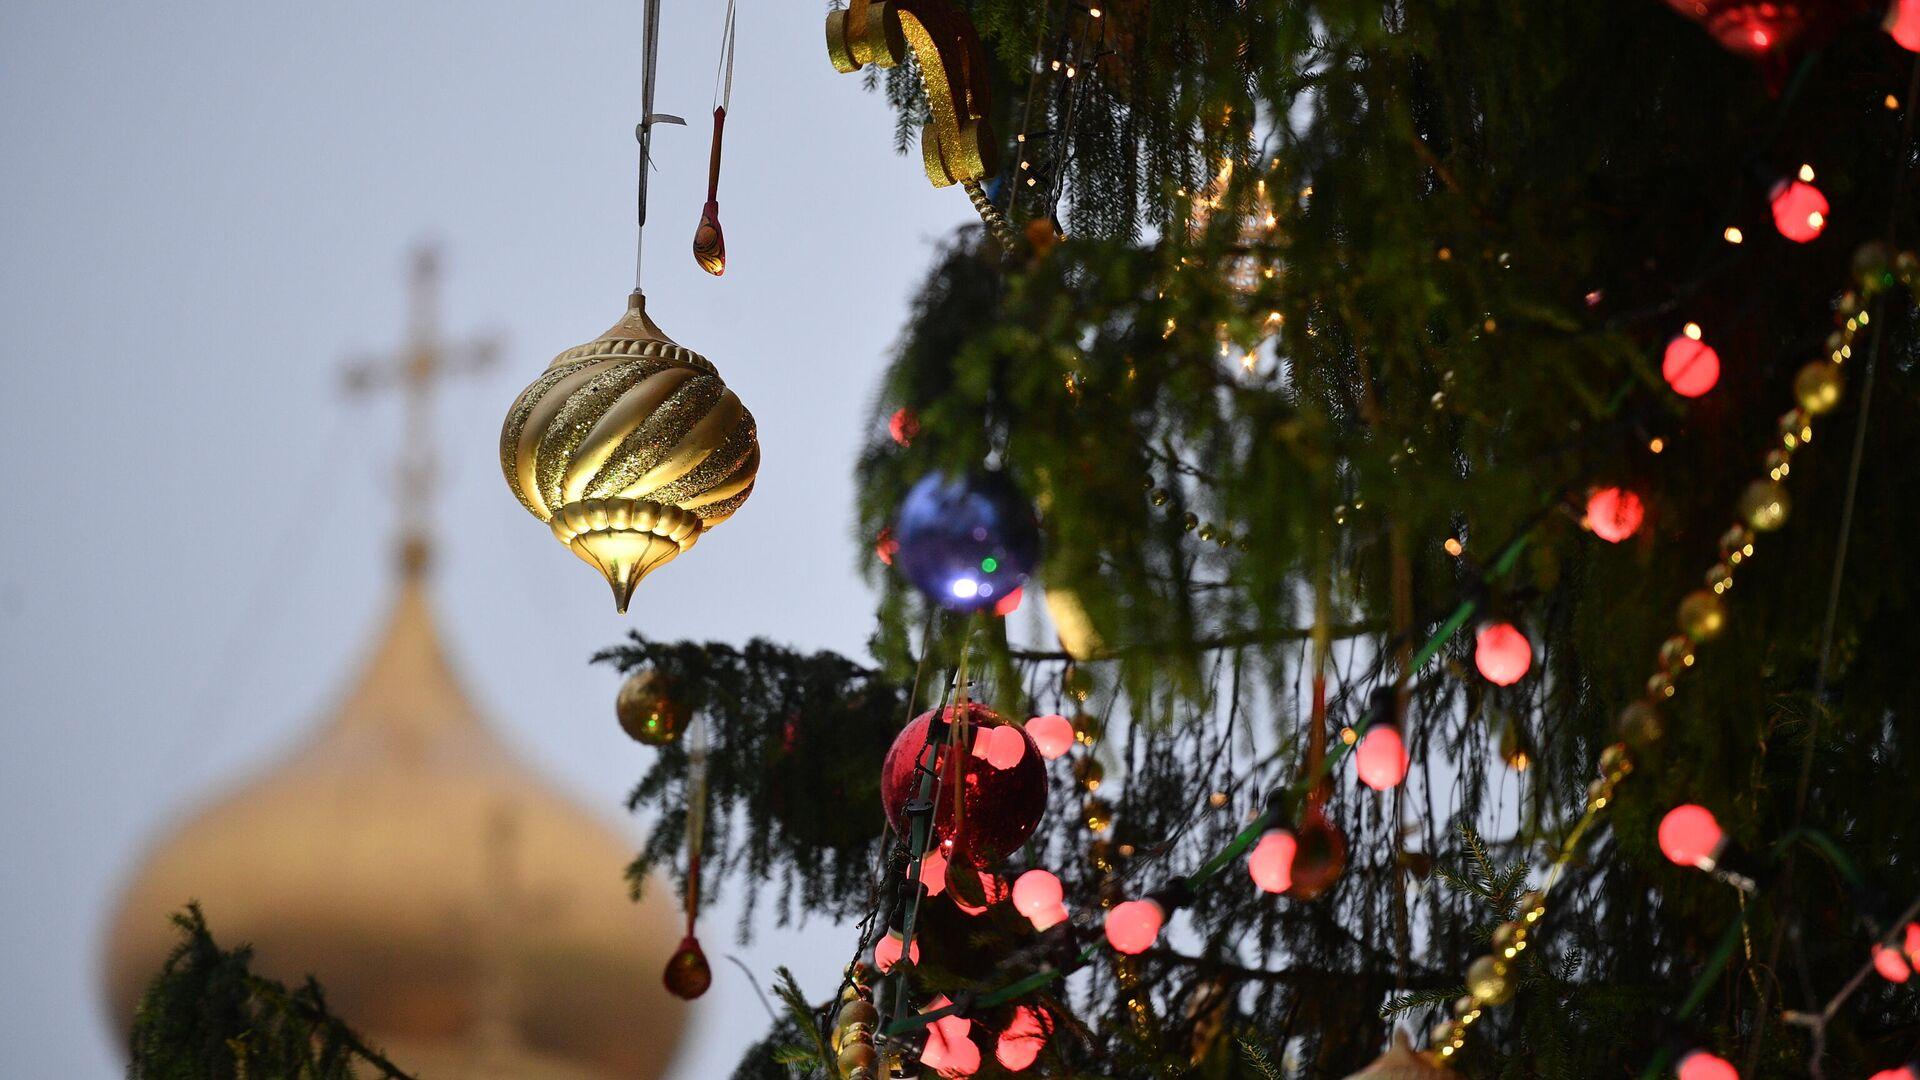 Украшение новогодней елки на Соборной площади Кремля - РИА Новости, 1920, 12.11.2020